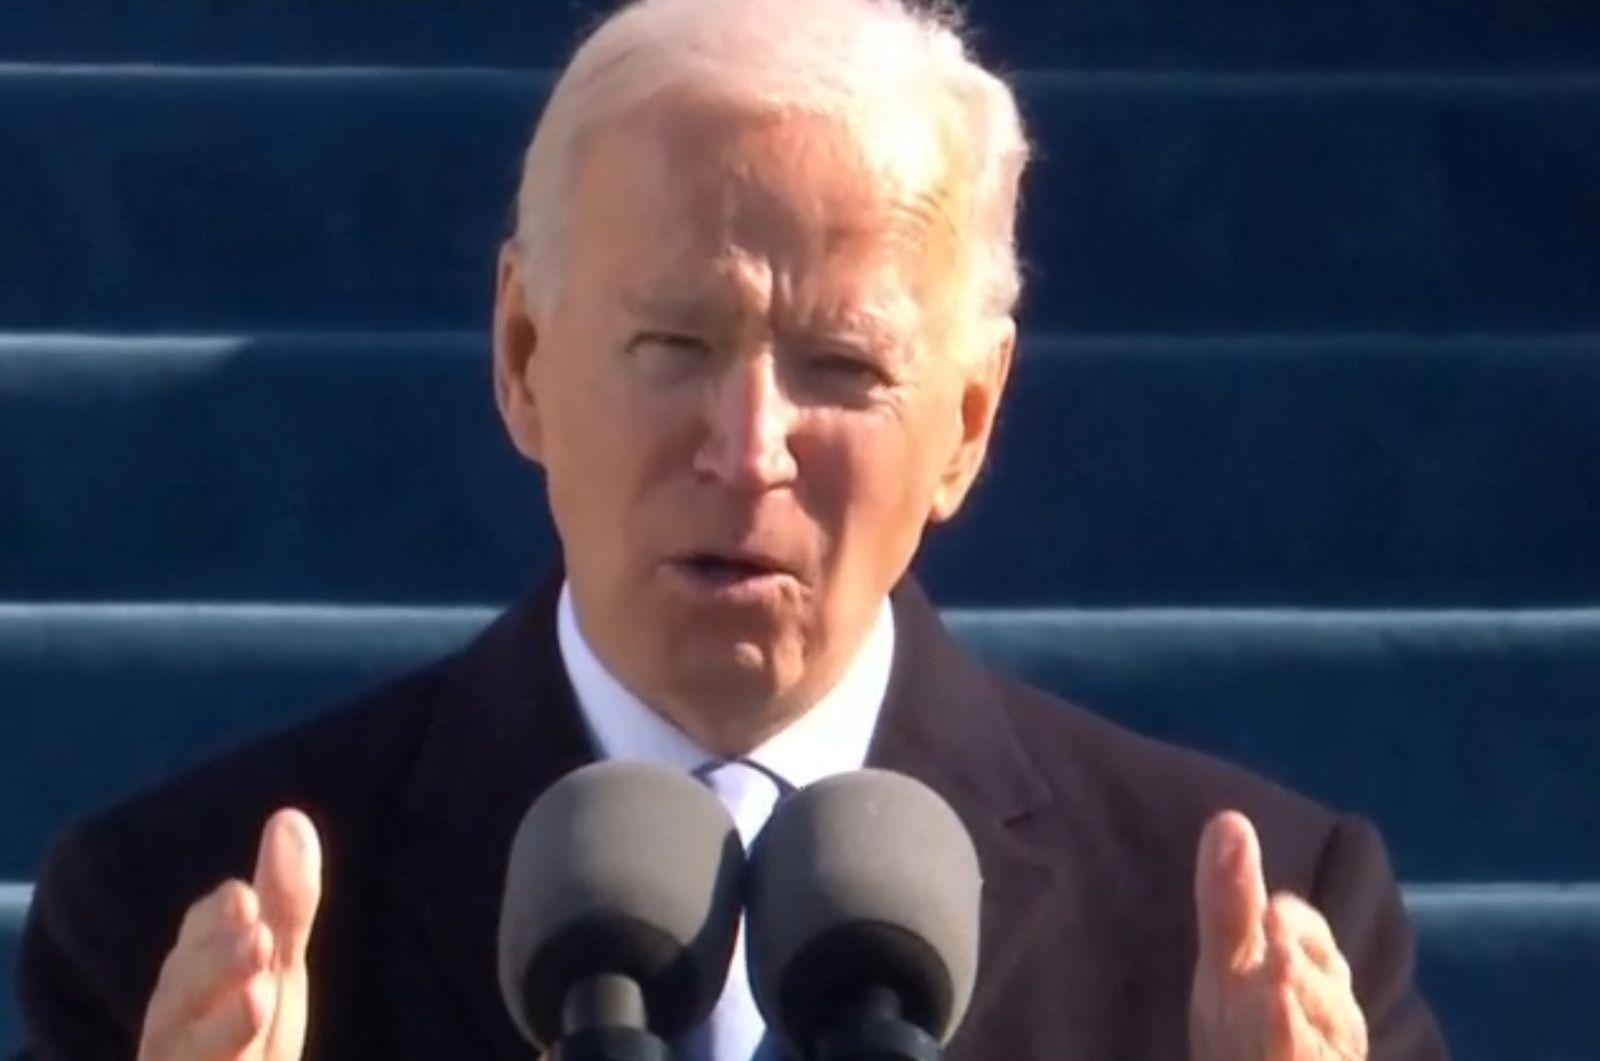 En ce qui concerne l'Afghanistan, l'administration Biden semble avoir calculé que le président ne souffrira pas politiquement de laisser derrière lui une guerre impossible à gagner.